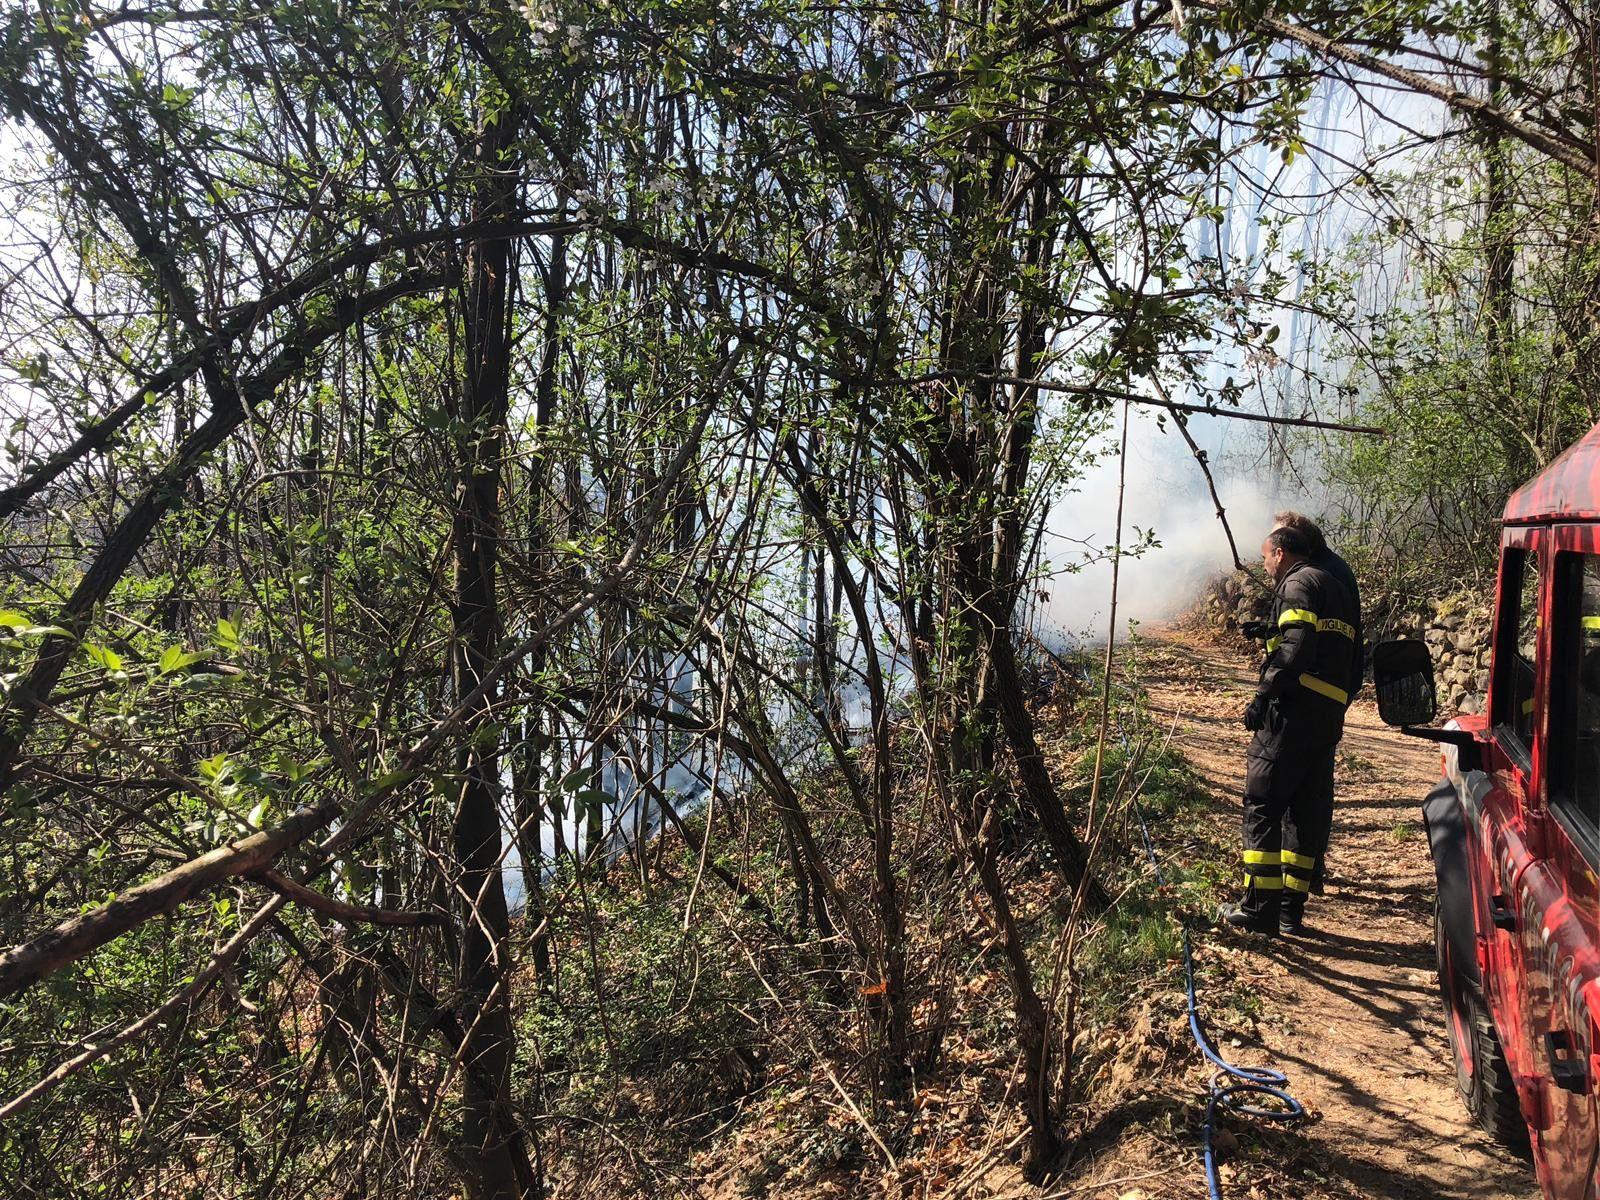 CANAVESE - Ancora incendi boschivi a Cuorgnè e Santa Elisabetta: vigili del fuoco al lavoro